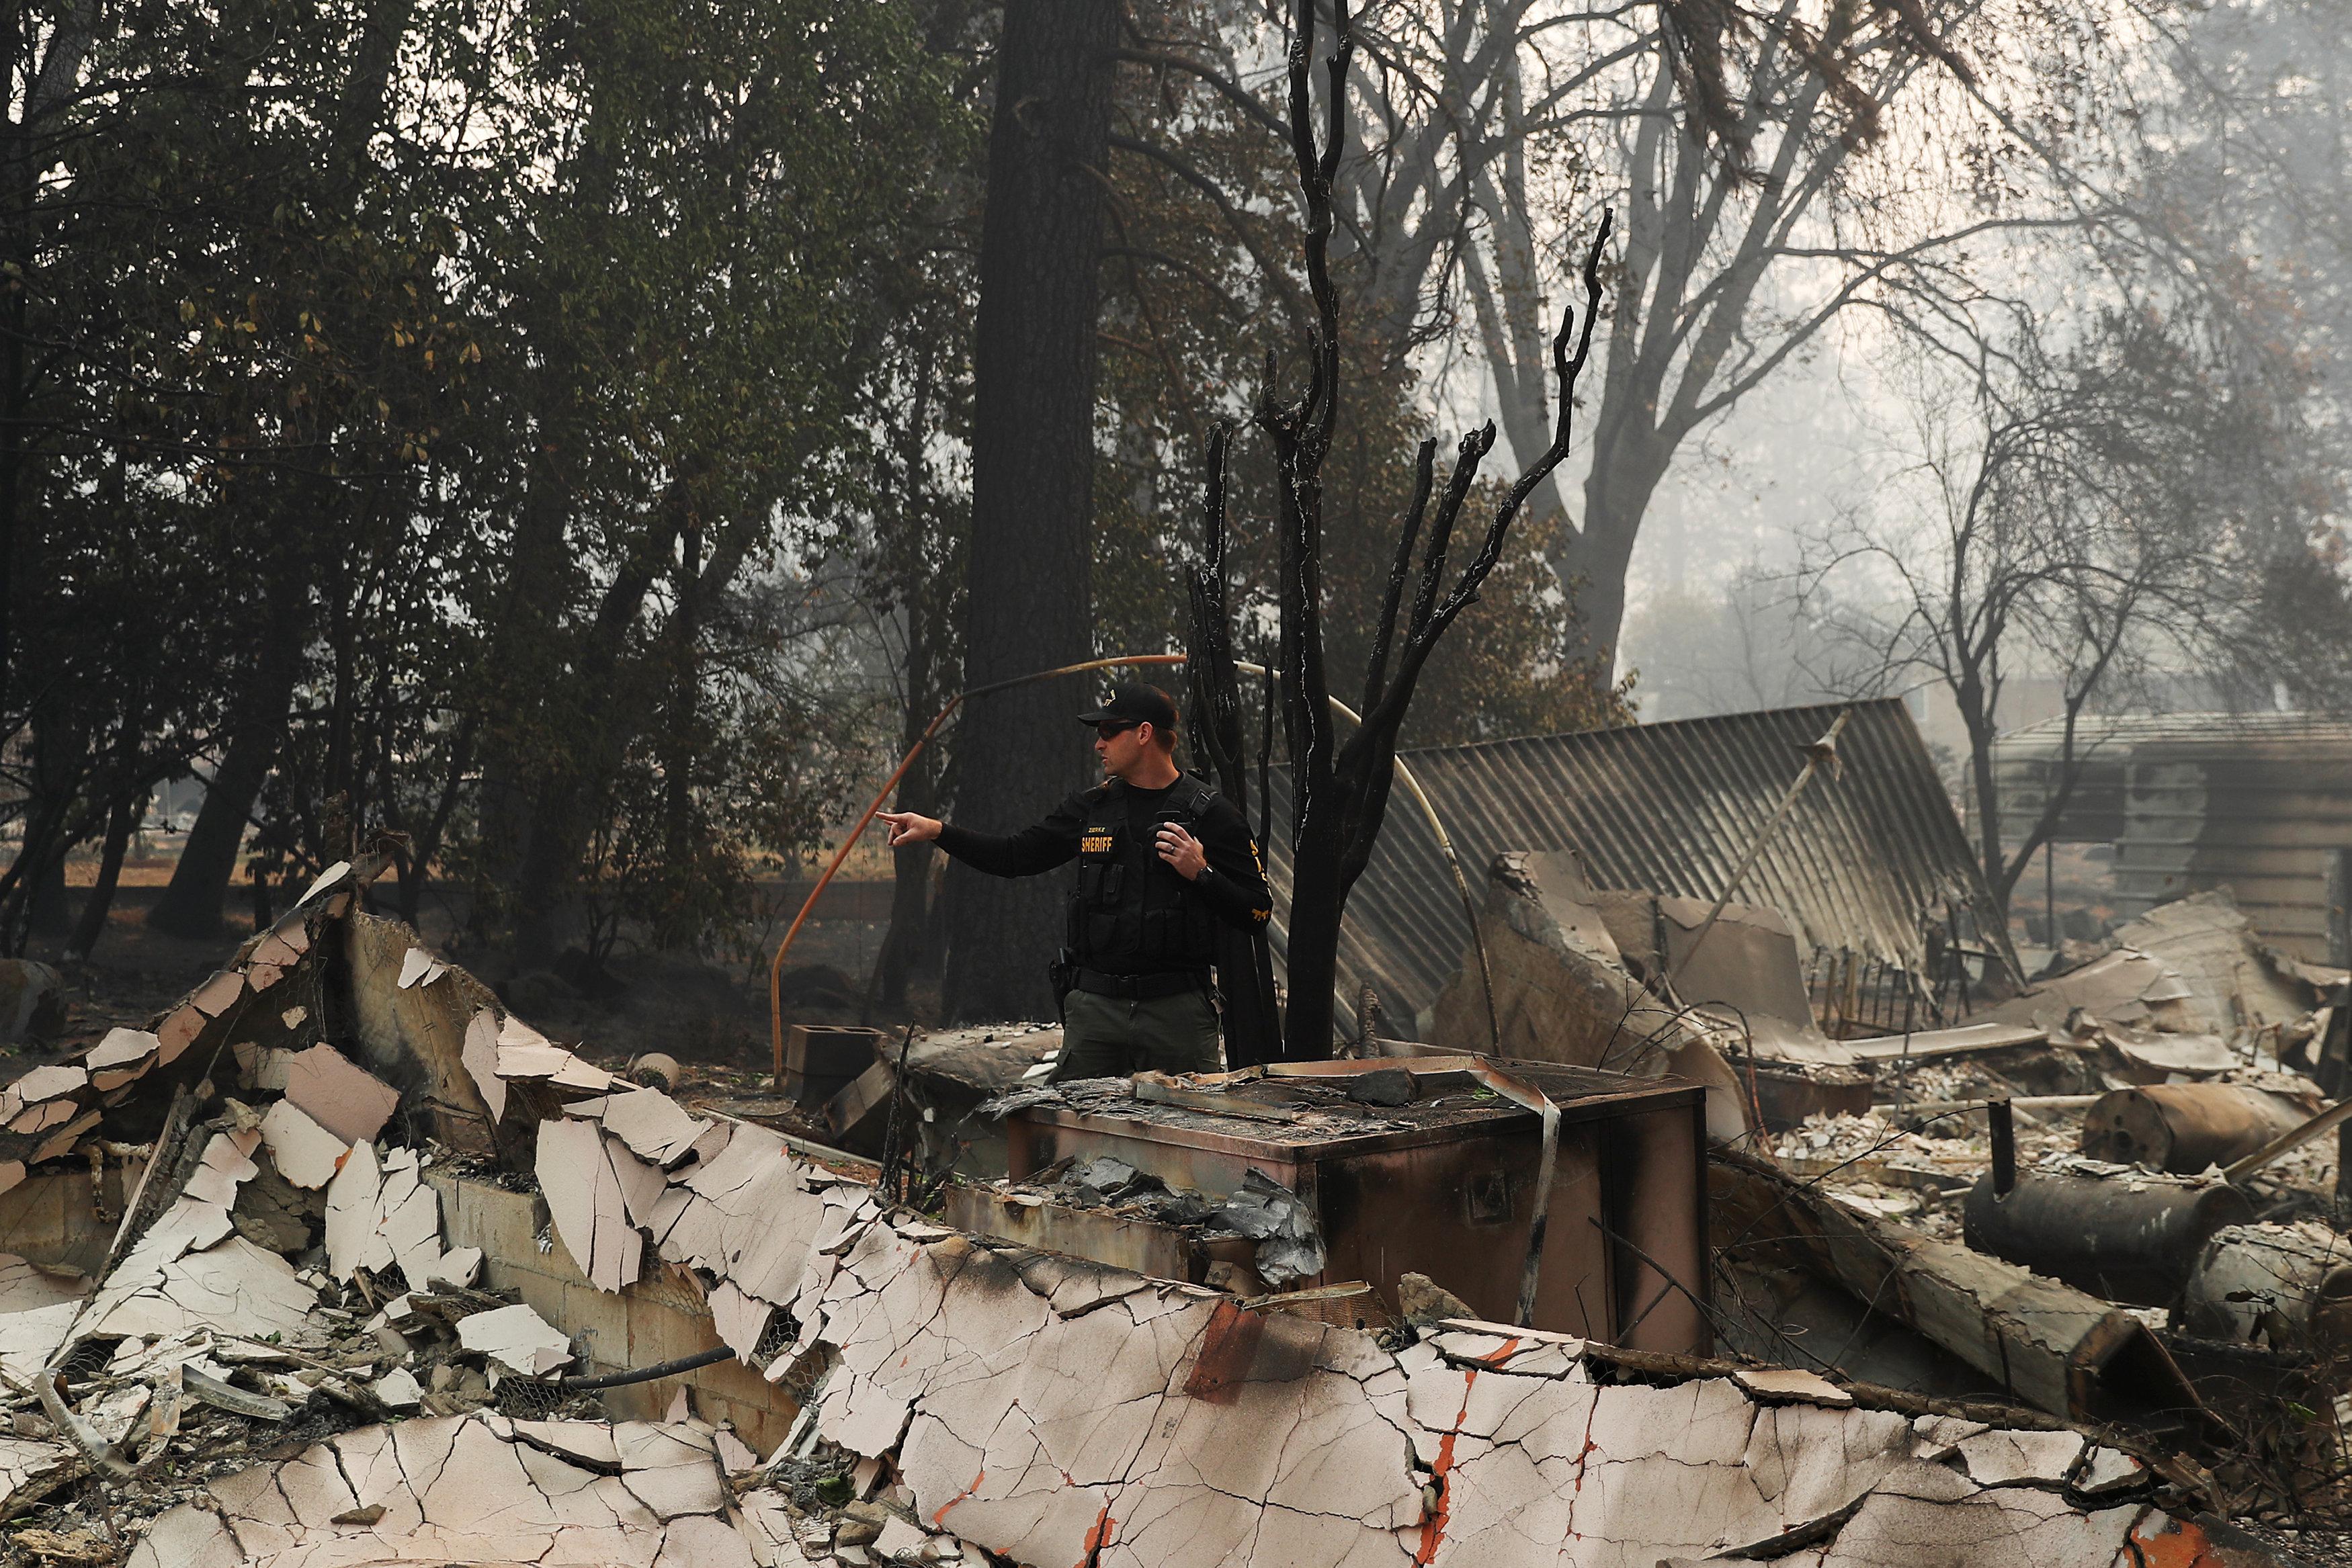 pyrini-kolasi-stin-kalifornia-25-nekroi-amp-8211-anypologistes-katastrofes-fotografies8